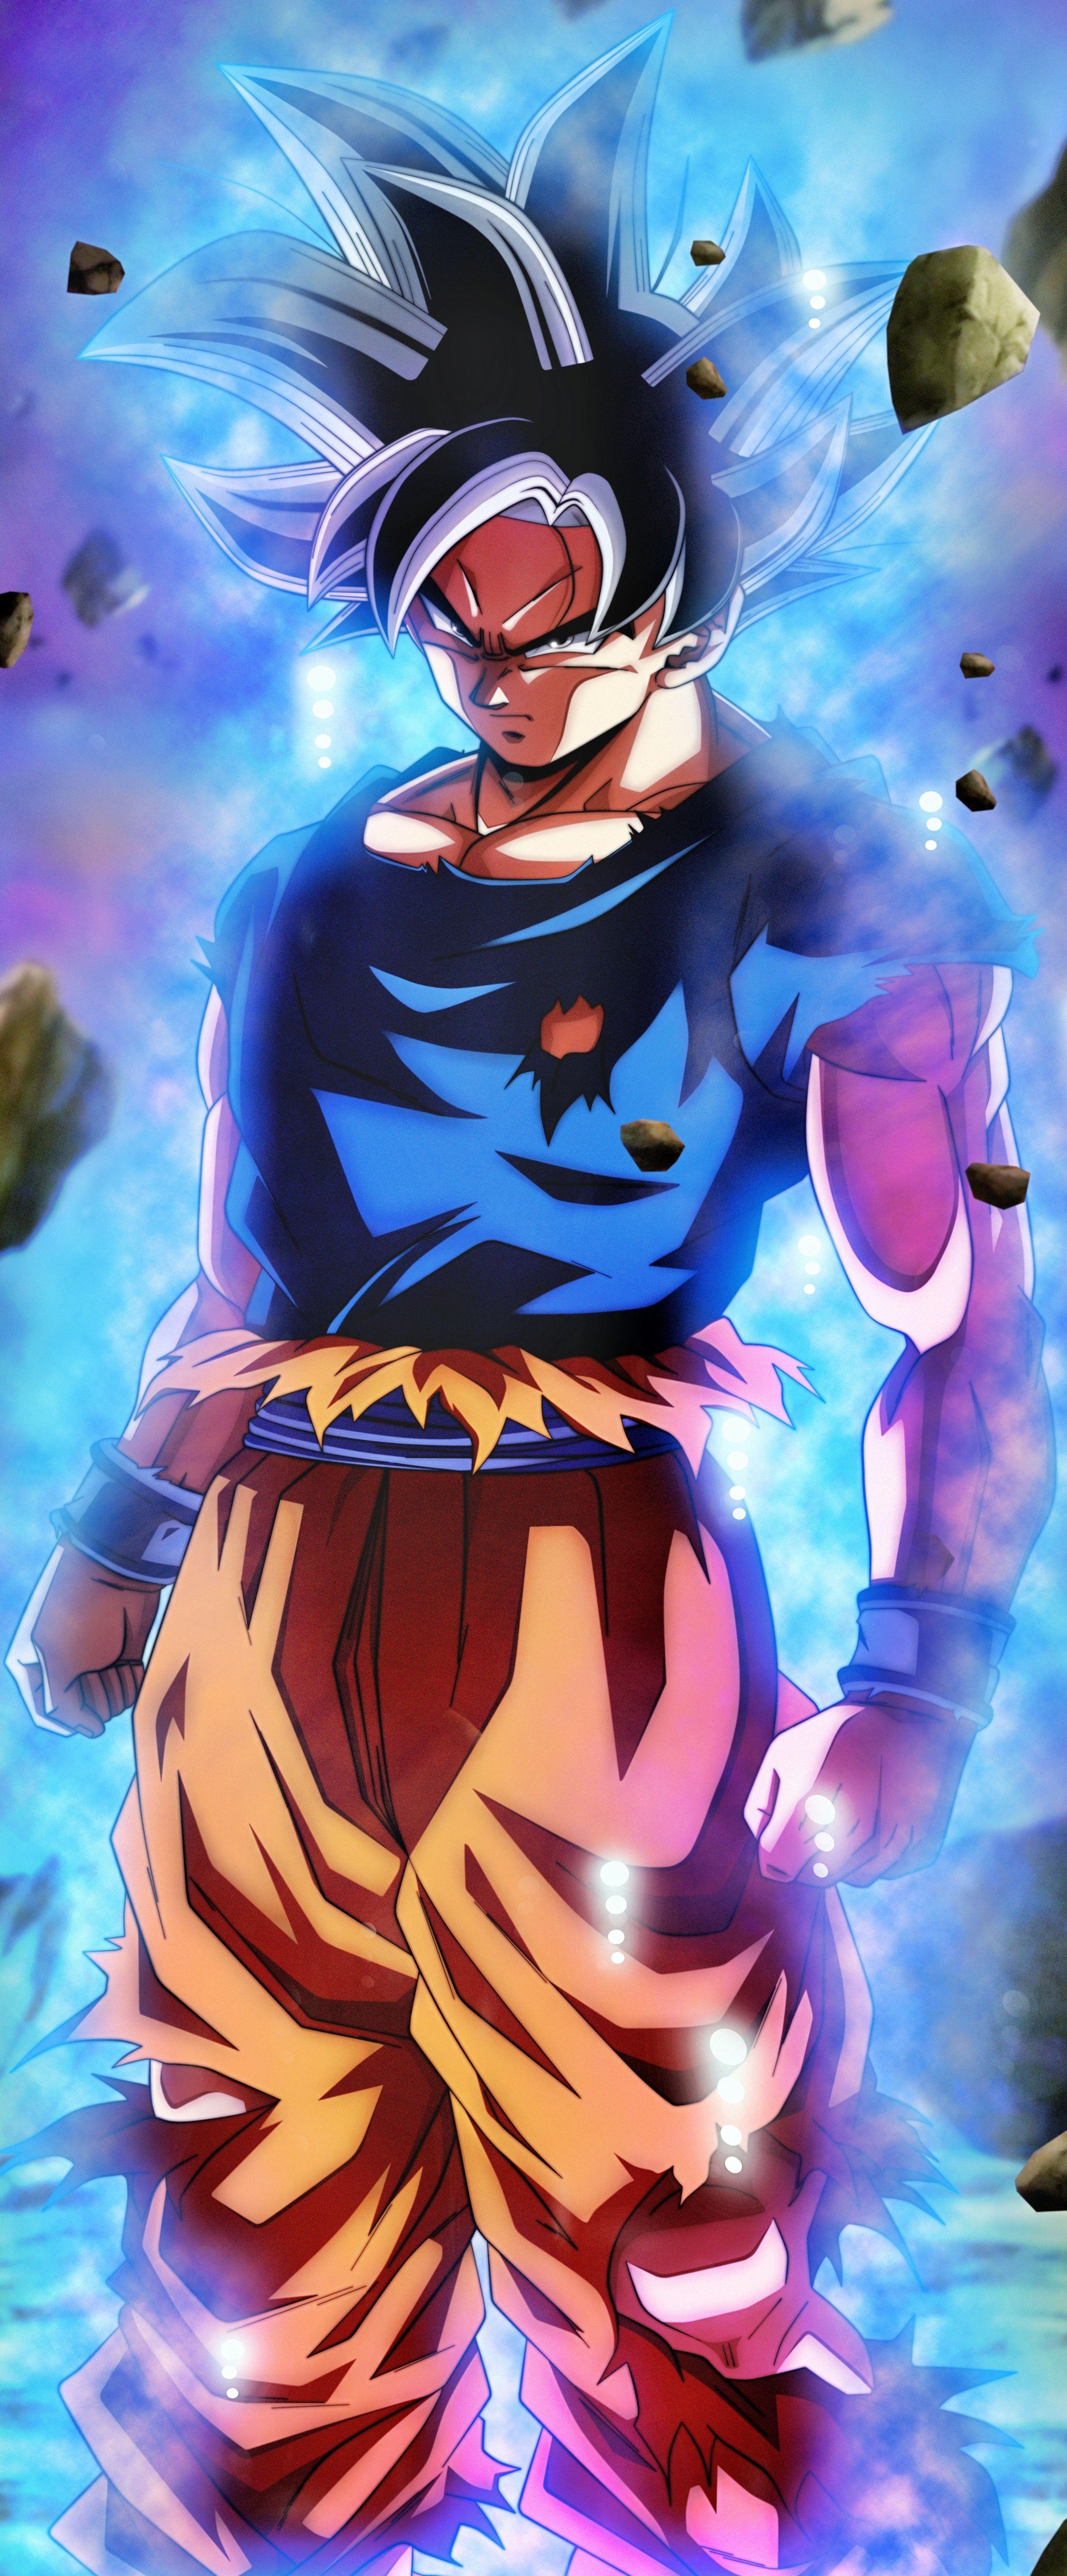 Get Great Anime Wallpaper Iphone Dragon Ball Goku Ultra Instinto Universo 7 Anime Dragon Ball Goku Anime Dragon Ball Super Anime Dragon Ball